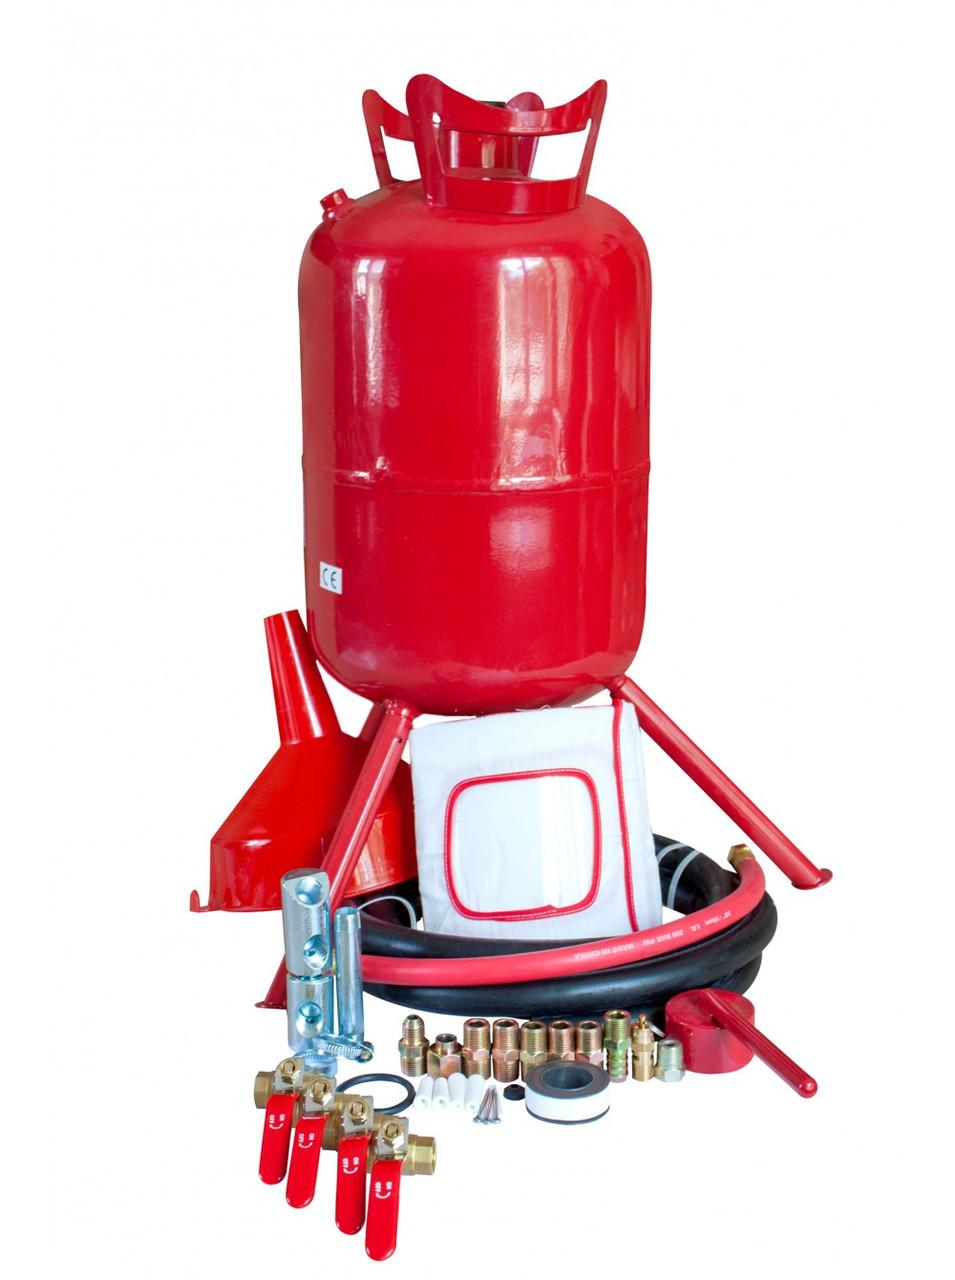 Піскоструминний апарат Carmax(19 літр). Пересувний. Напірного типу. Повна комплектація.